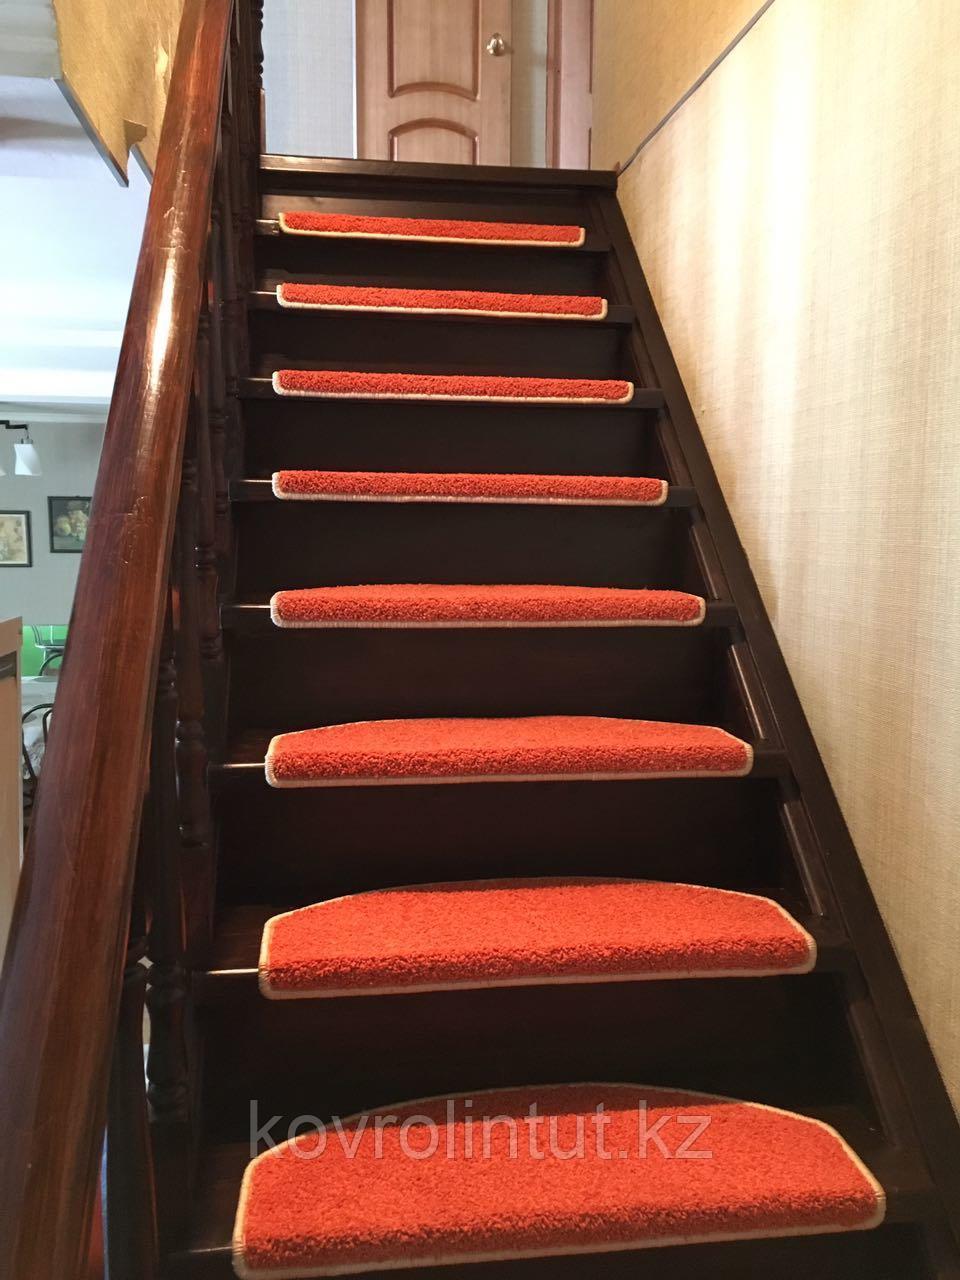 Коврики для лестниц  Ангара оранжевый 21x65  в розницу